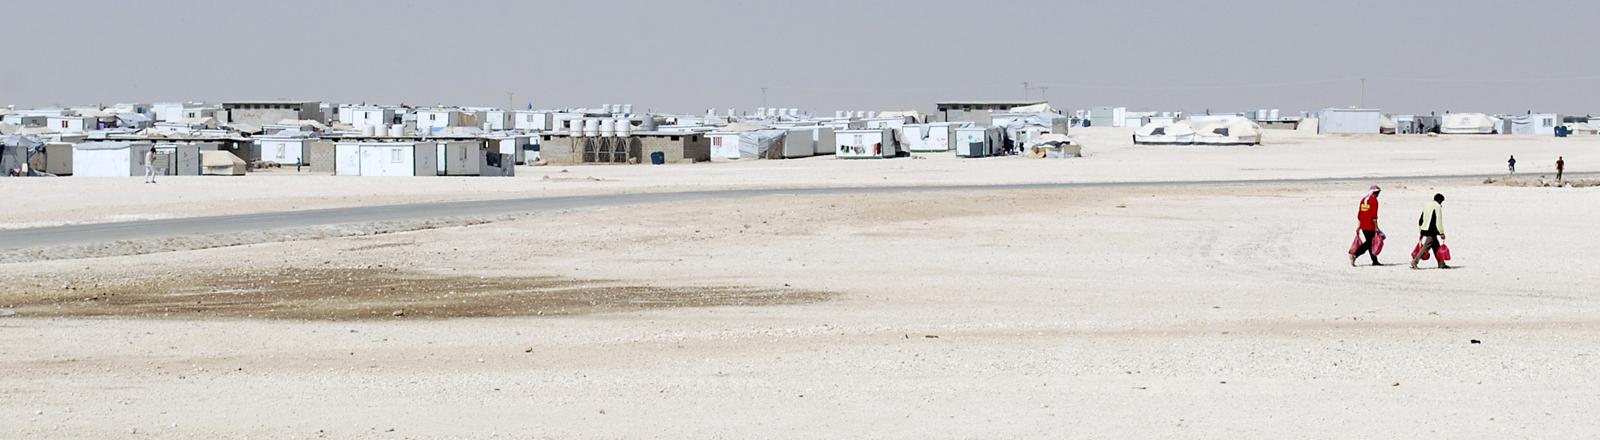 Flüchtlingscamp in der Wüste - Zaatari in Jordanien